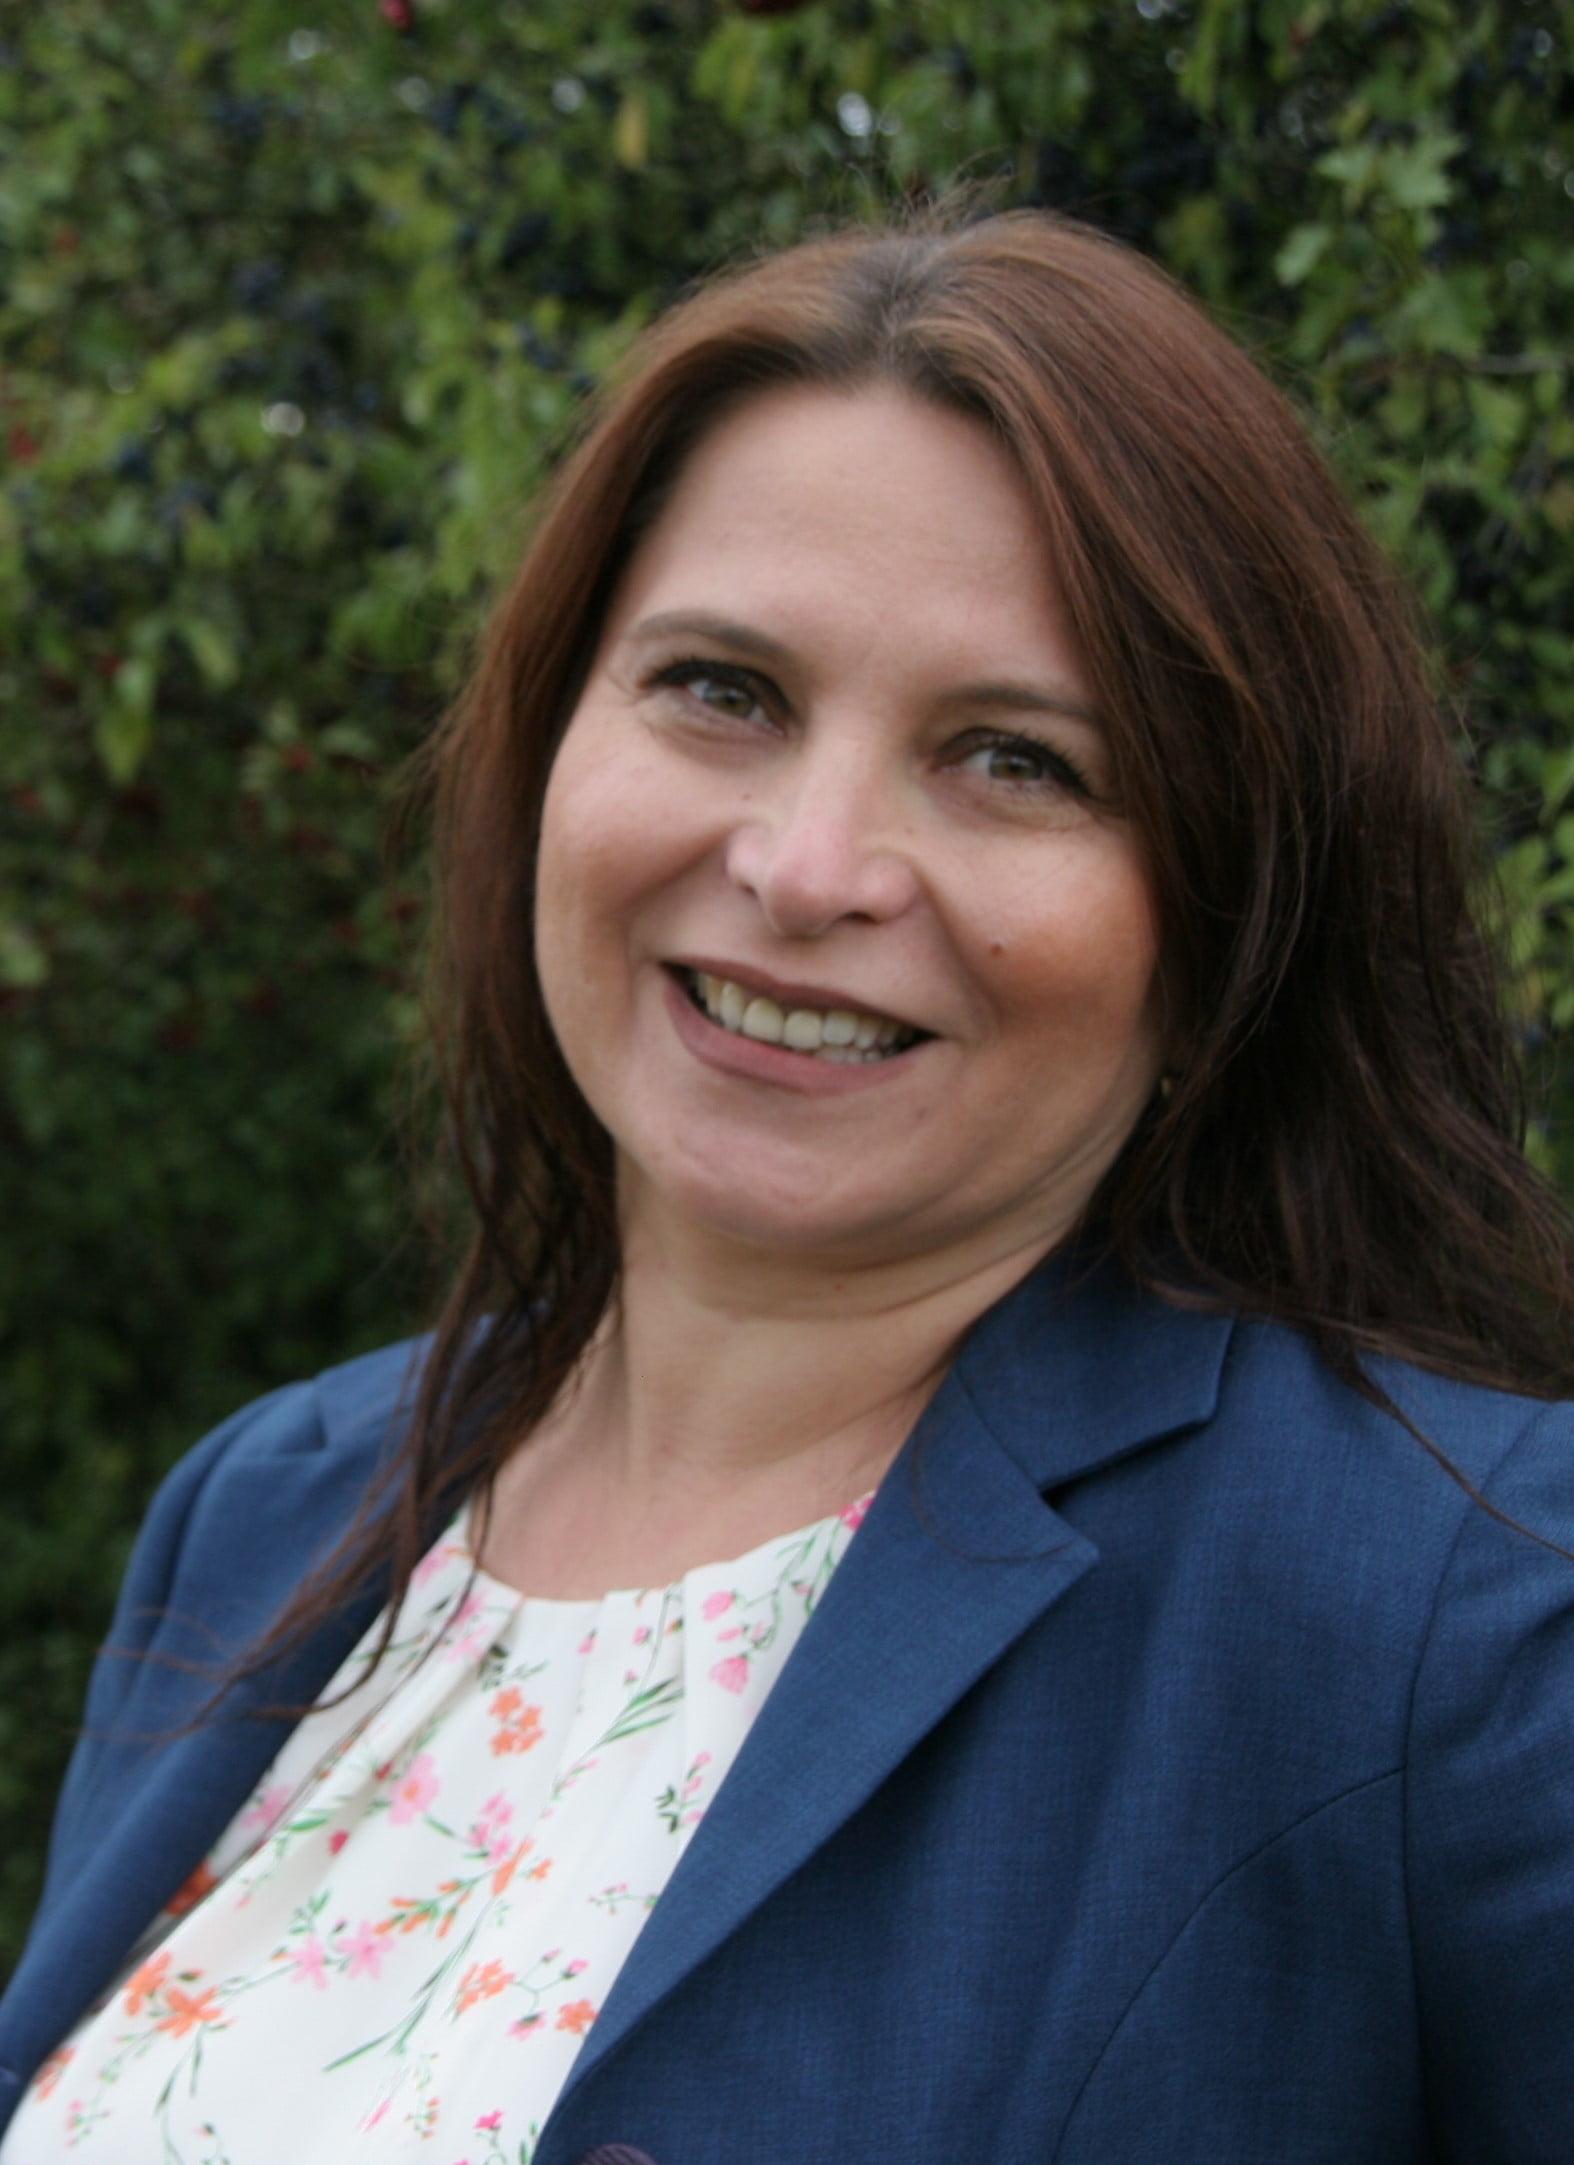 Mgr. Lucia Bačová